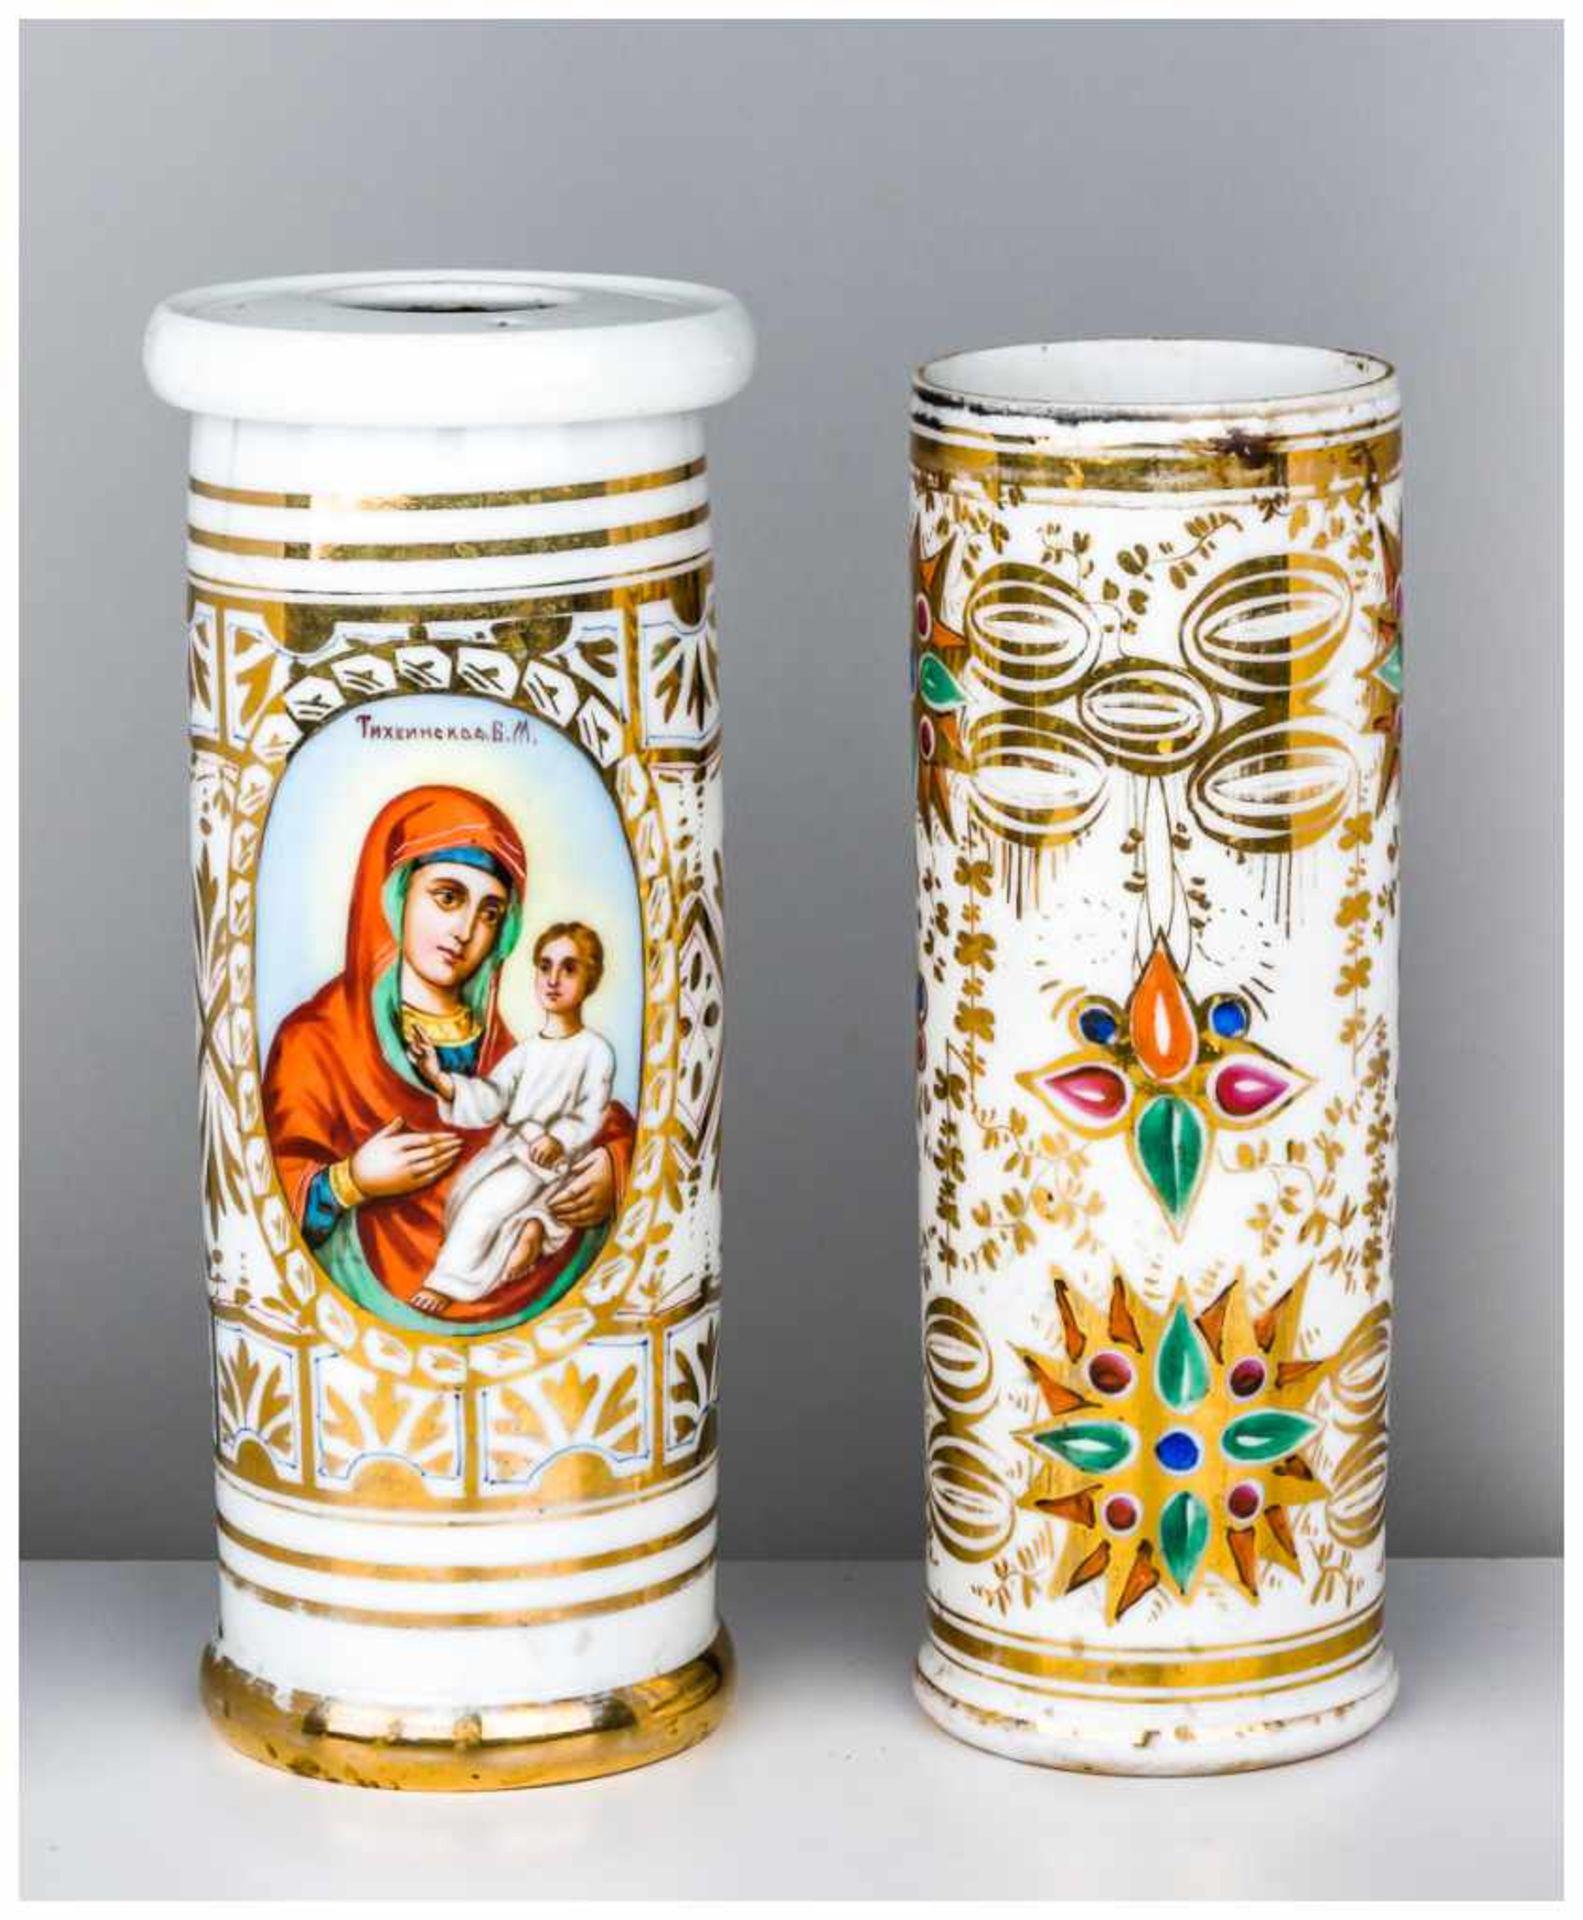 Zwei Kerzenleuchter Porzellan, ohne Marken, um 1900 25 x 9 cm und 27 x 11 cm Two candle sticks //